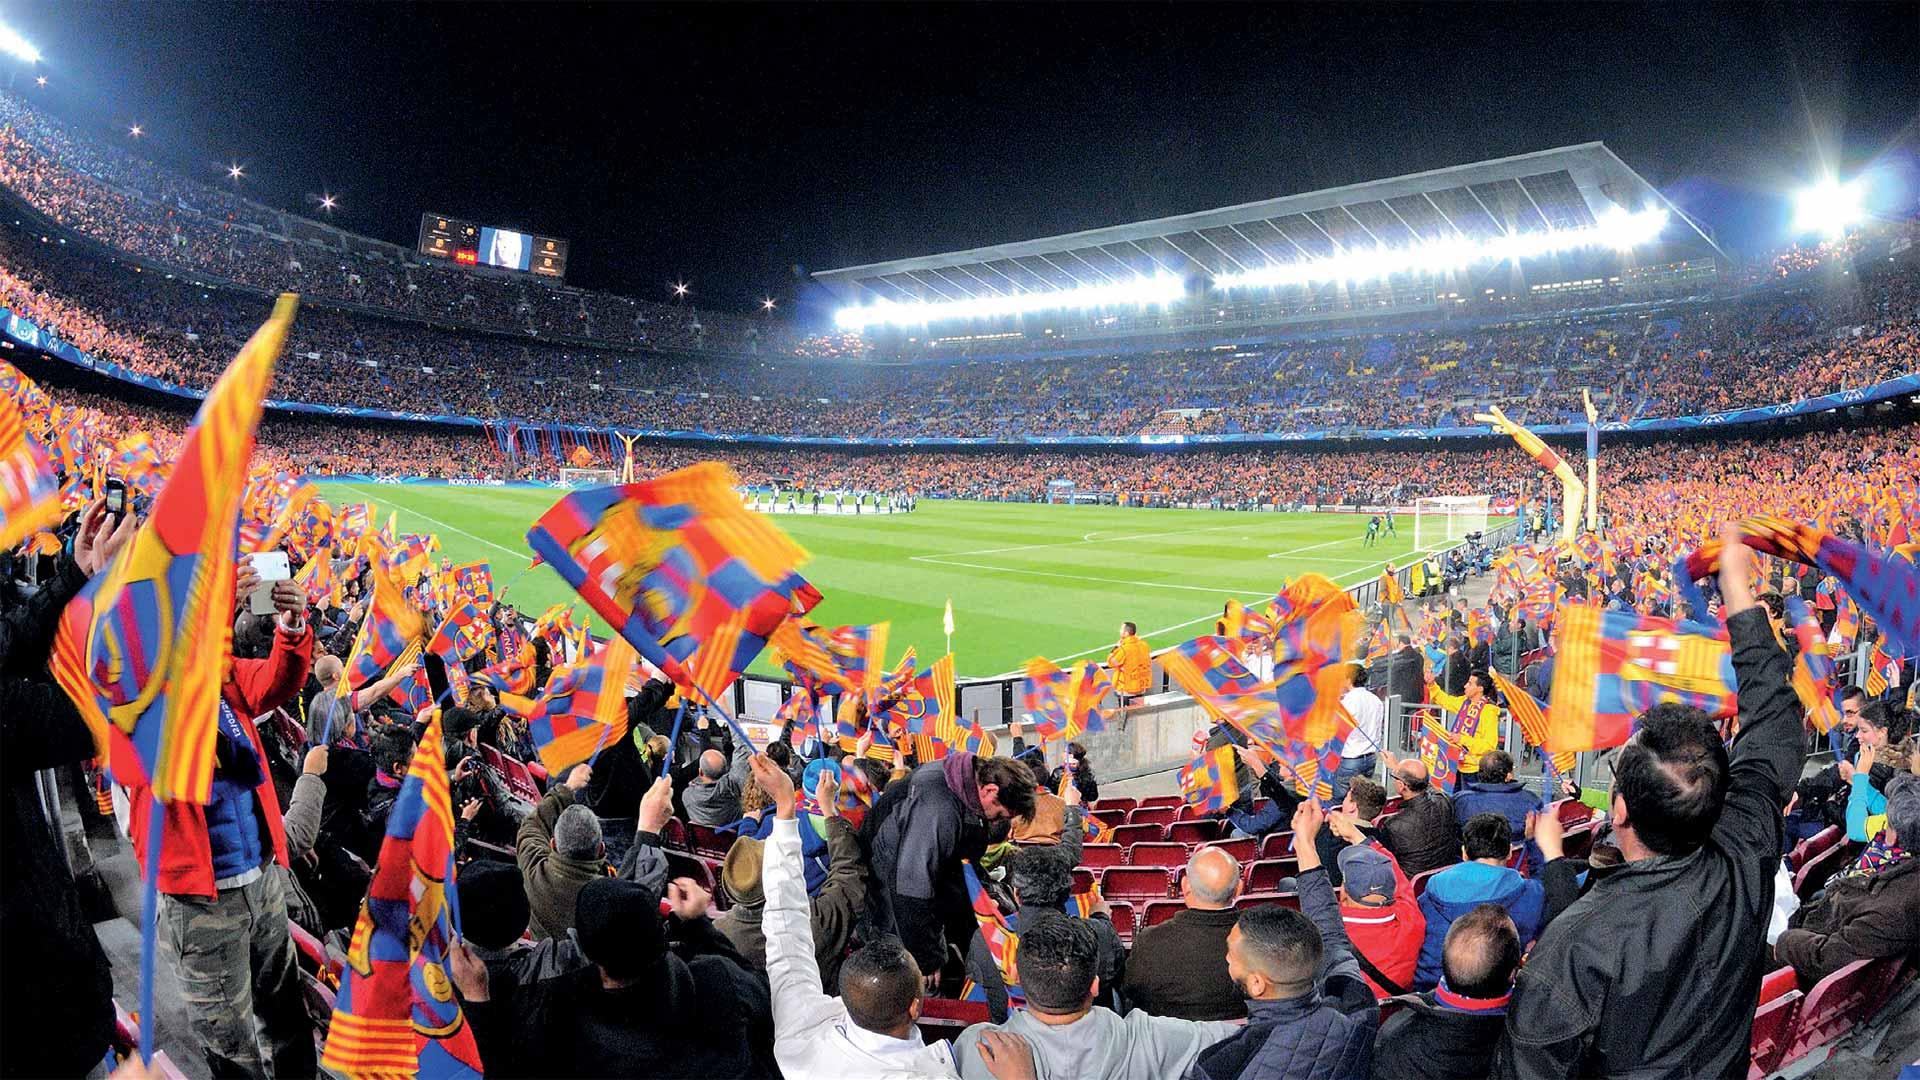 Oferta inicial del token para fanáticos del FC Barcelona se agota en menos de dos horas y se vende en 106 países